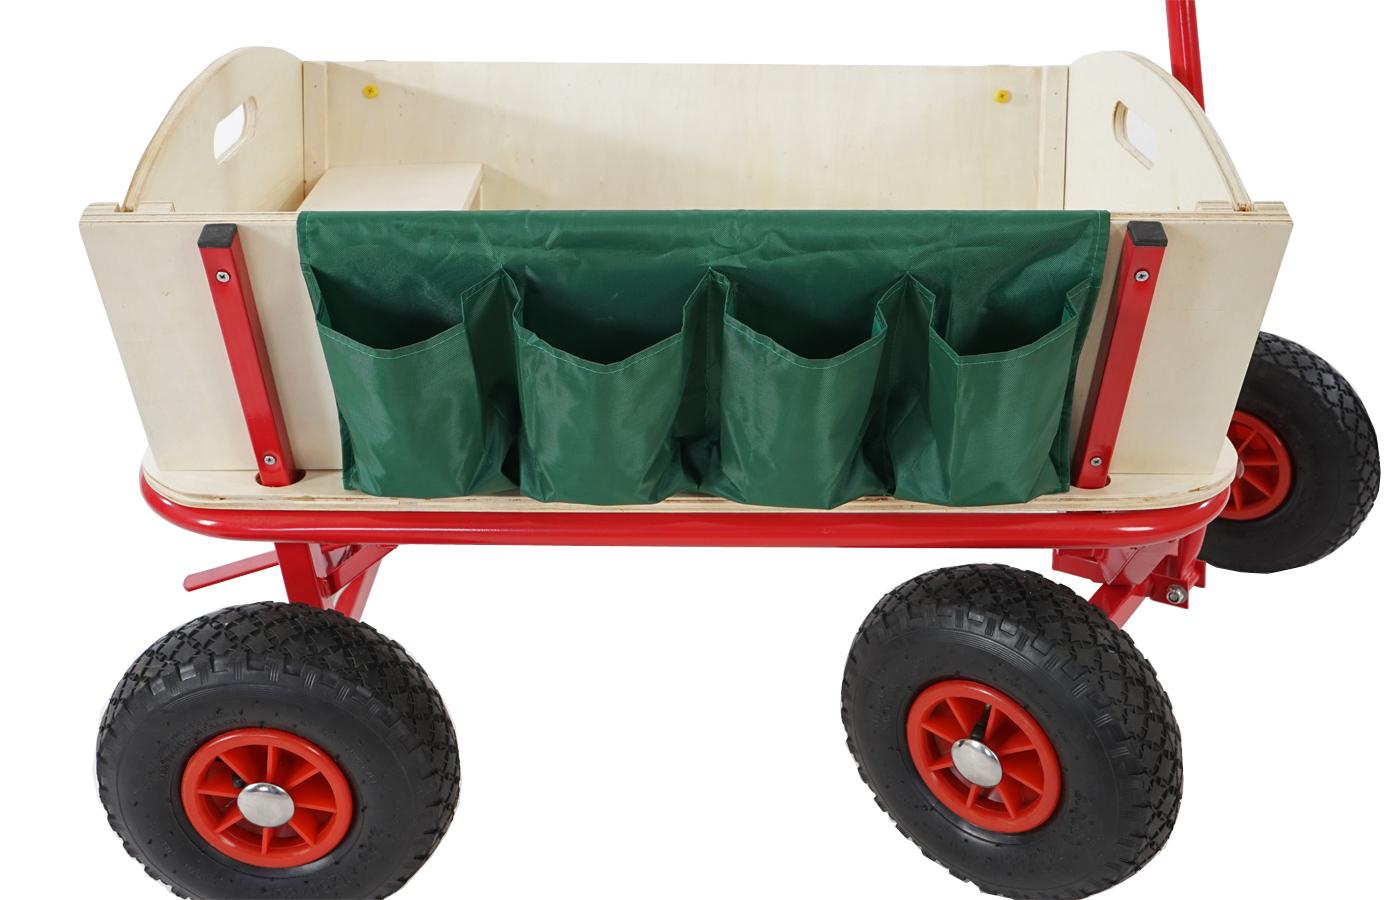 bollerwagen handwagen leiterwagen paris inkl sitz bremse flaschenhalter. Black Bedroom Furniture Sets. Home Design Ideas